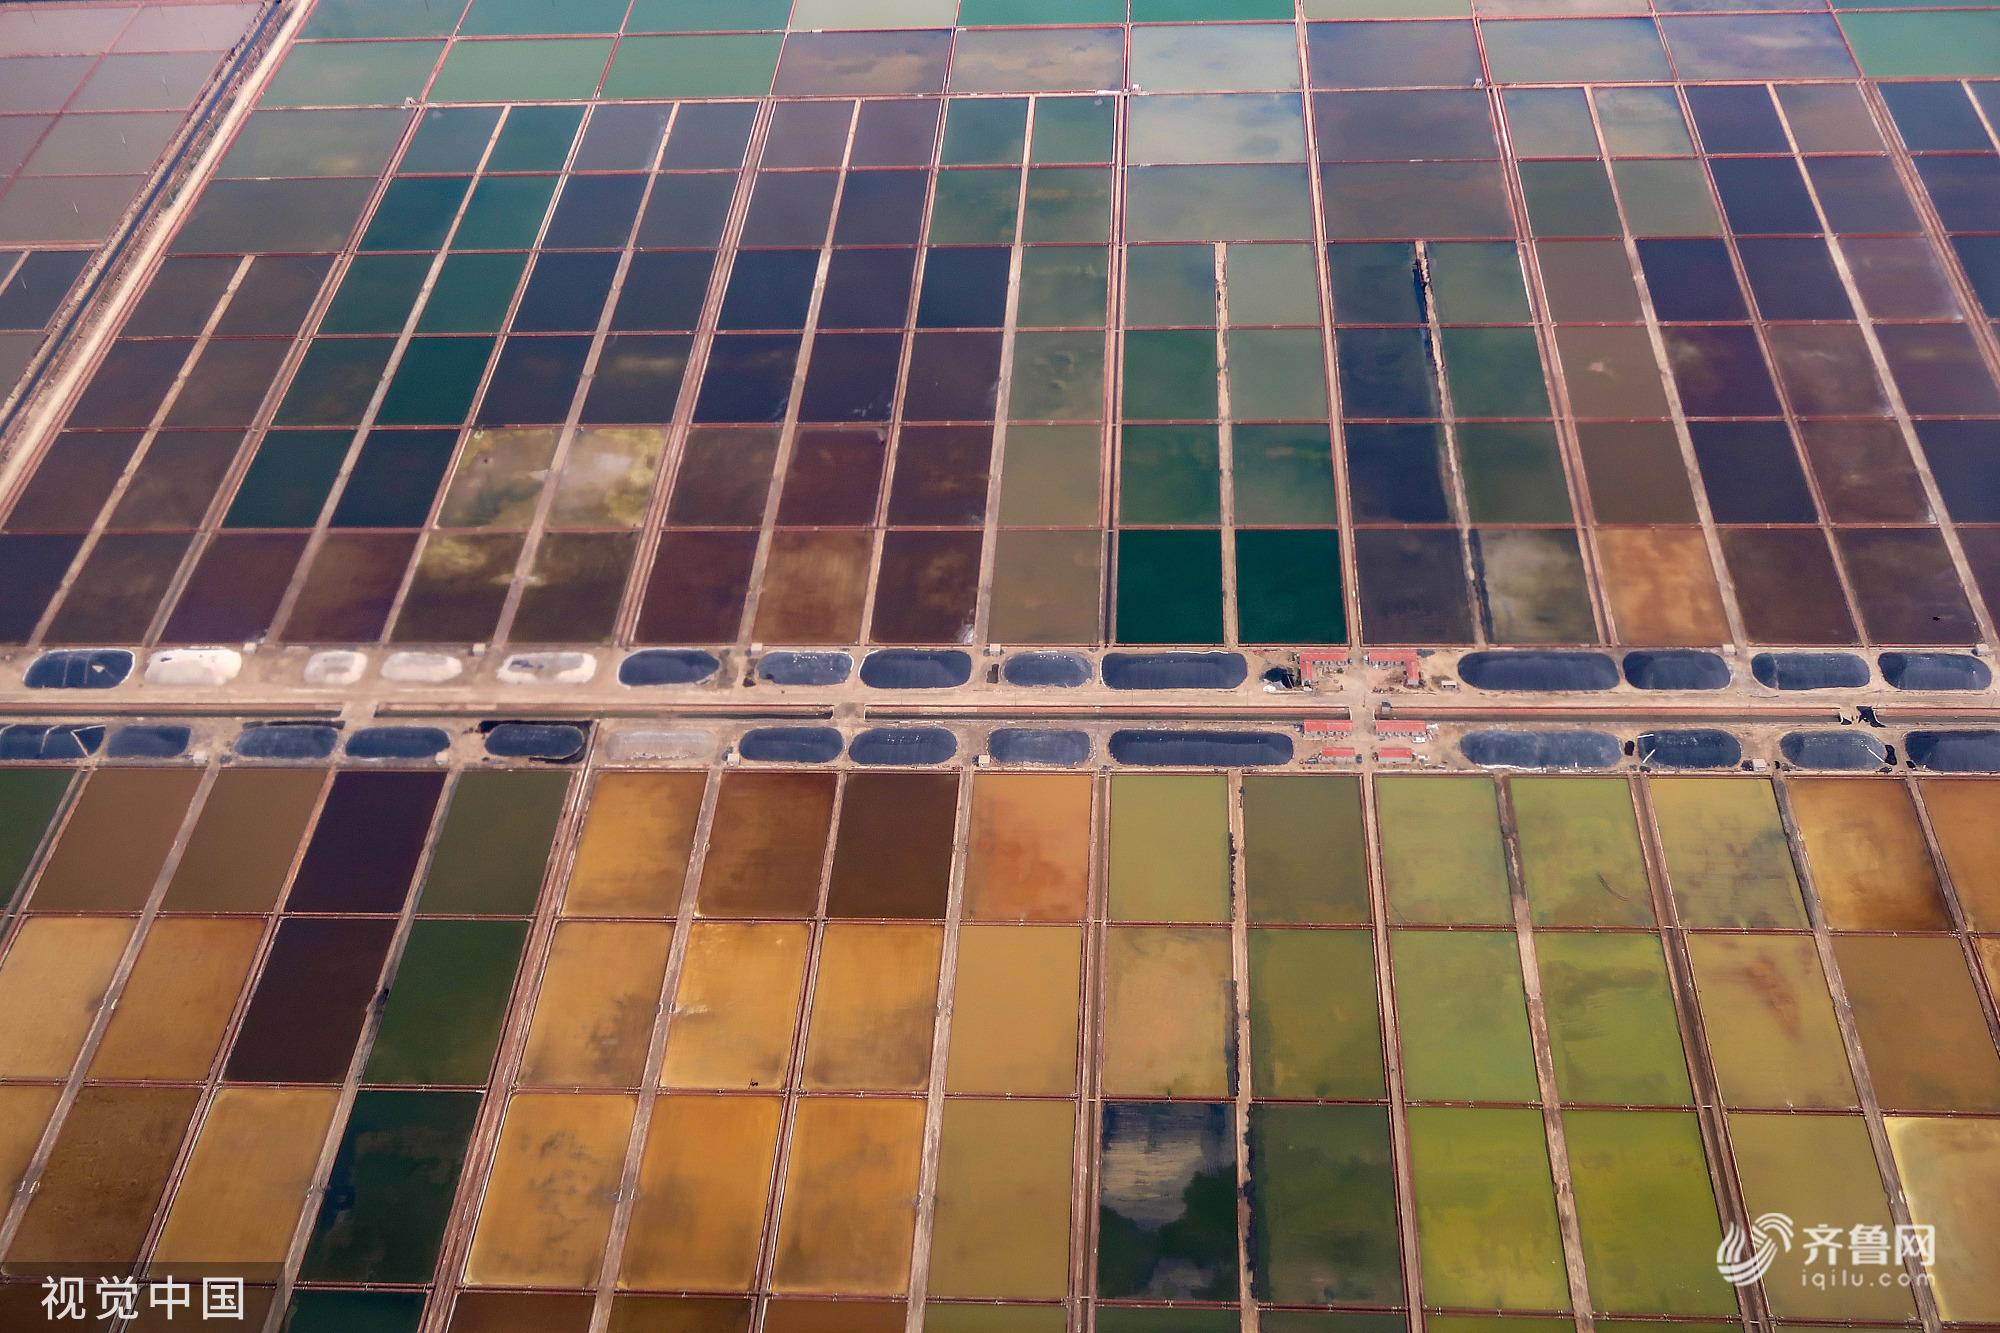 山东东营:航拍五彩盐湖 形如色块景色美